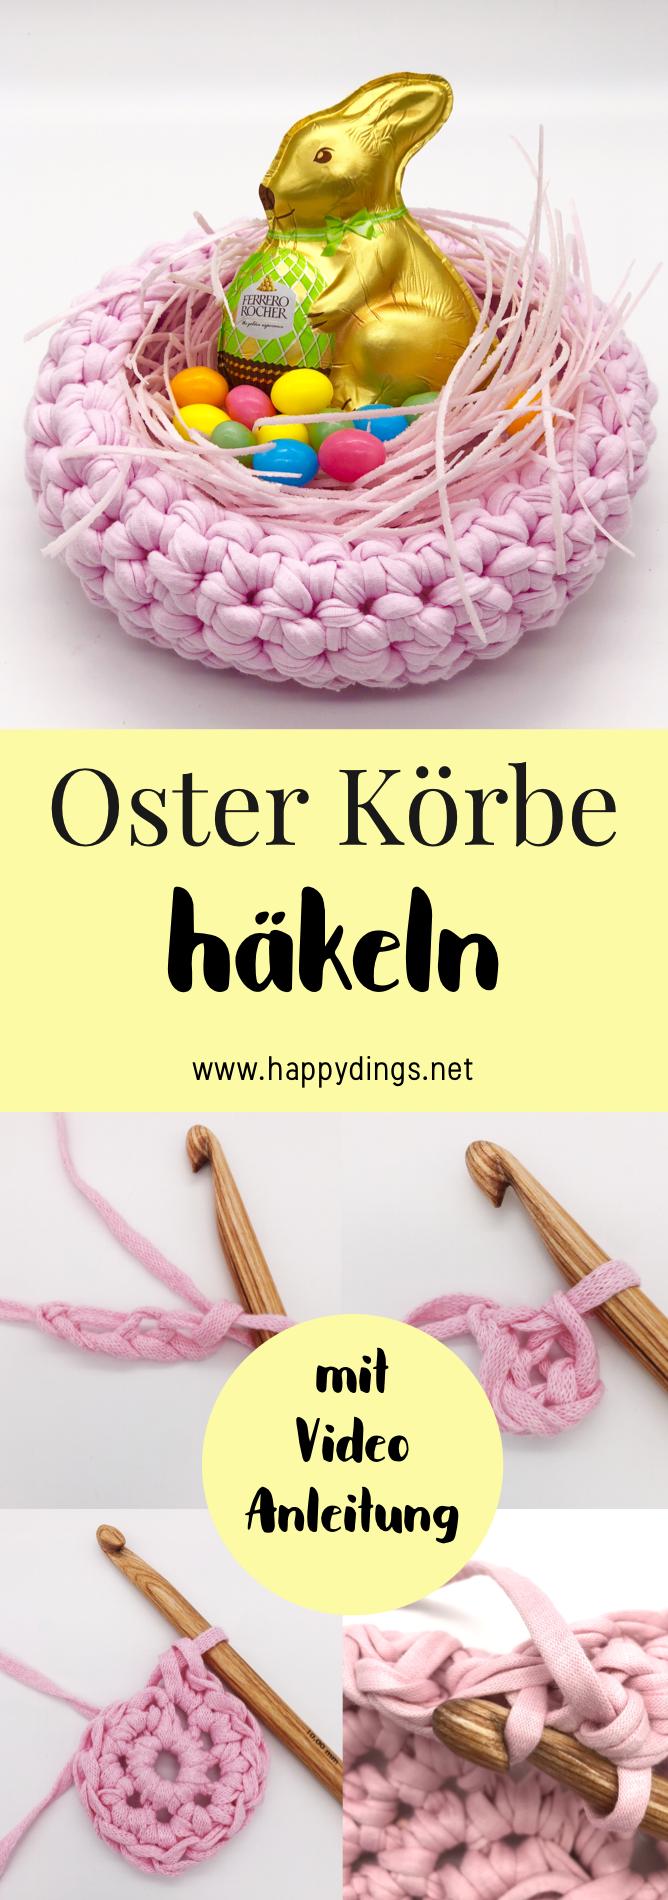 Anzeige Körbe Häkeln Wohnideen Und Diy Deko Mit Otto Osternest